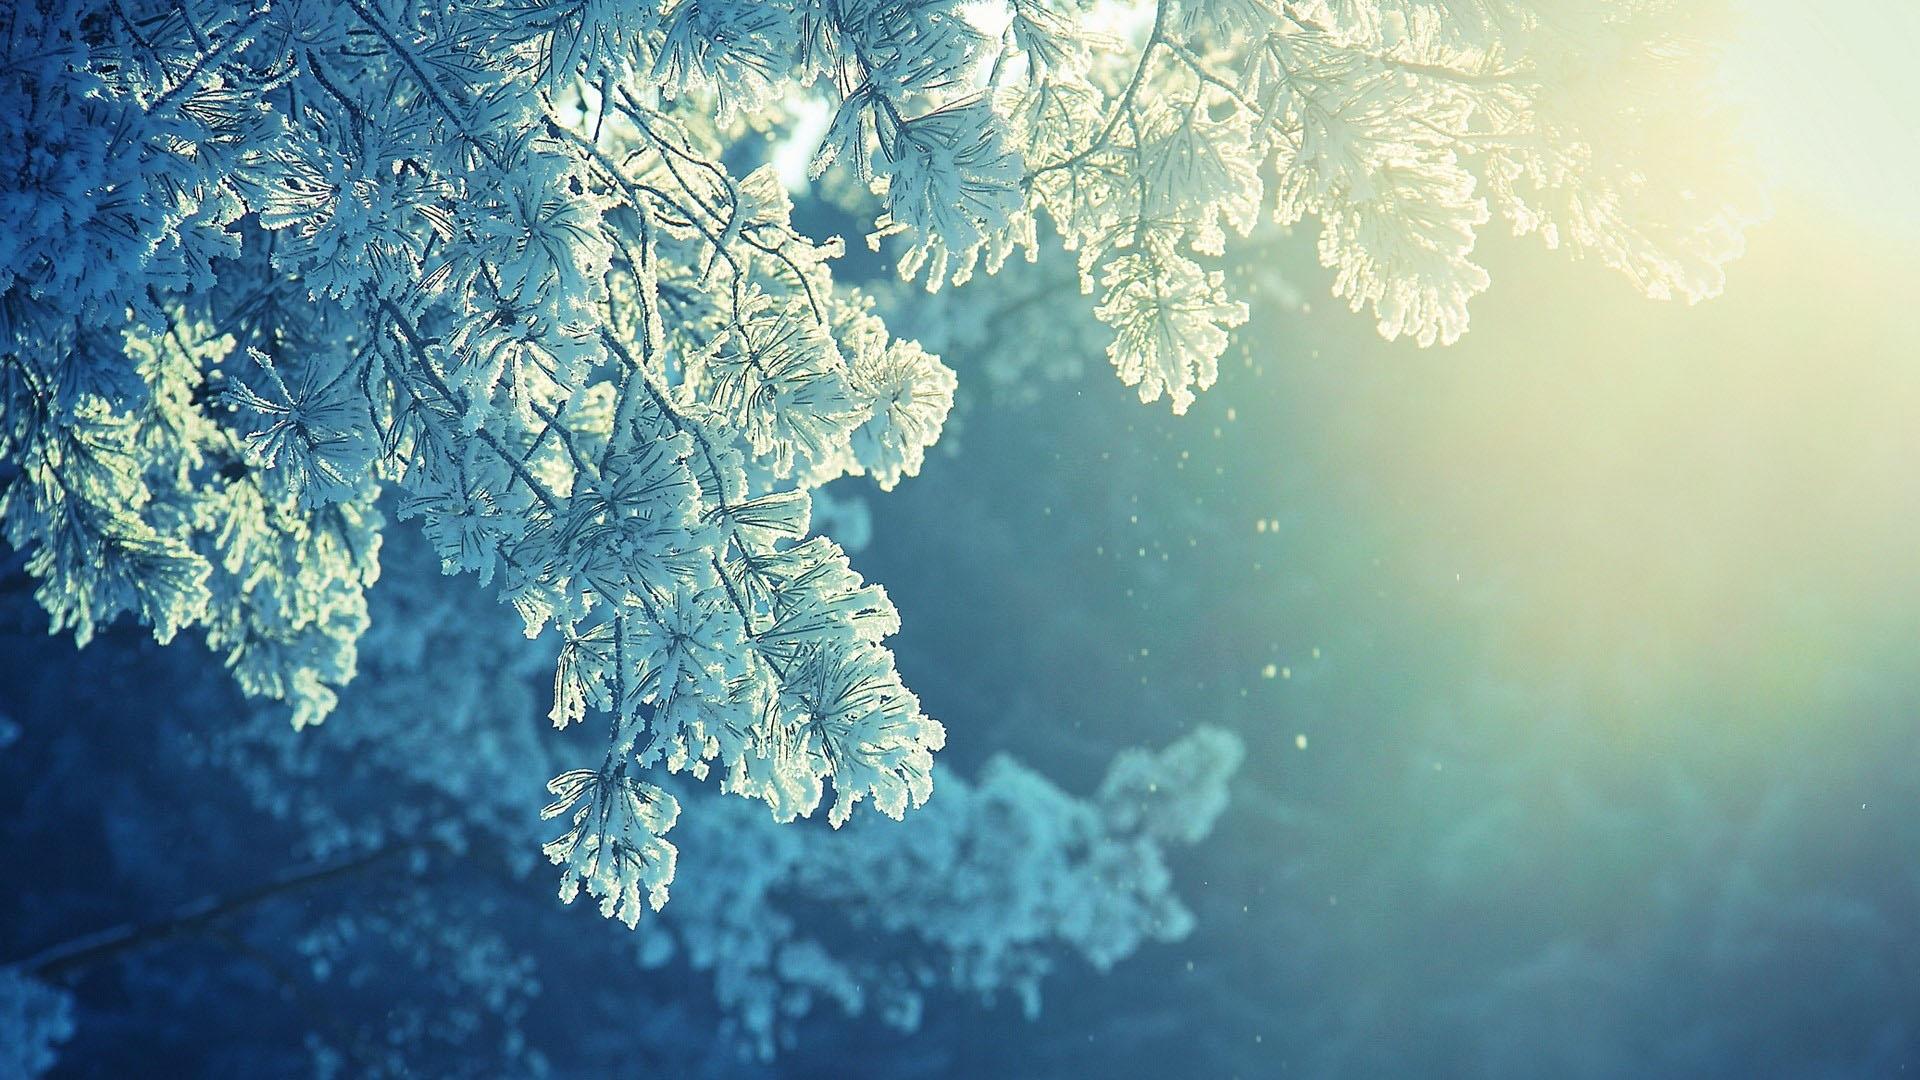 Ảnh nền full hd mùa đông